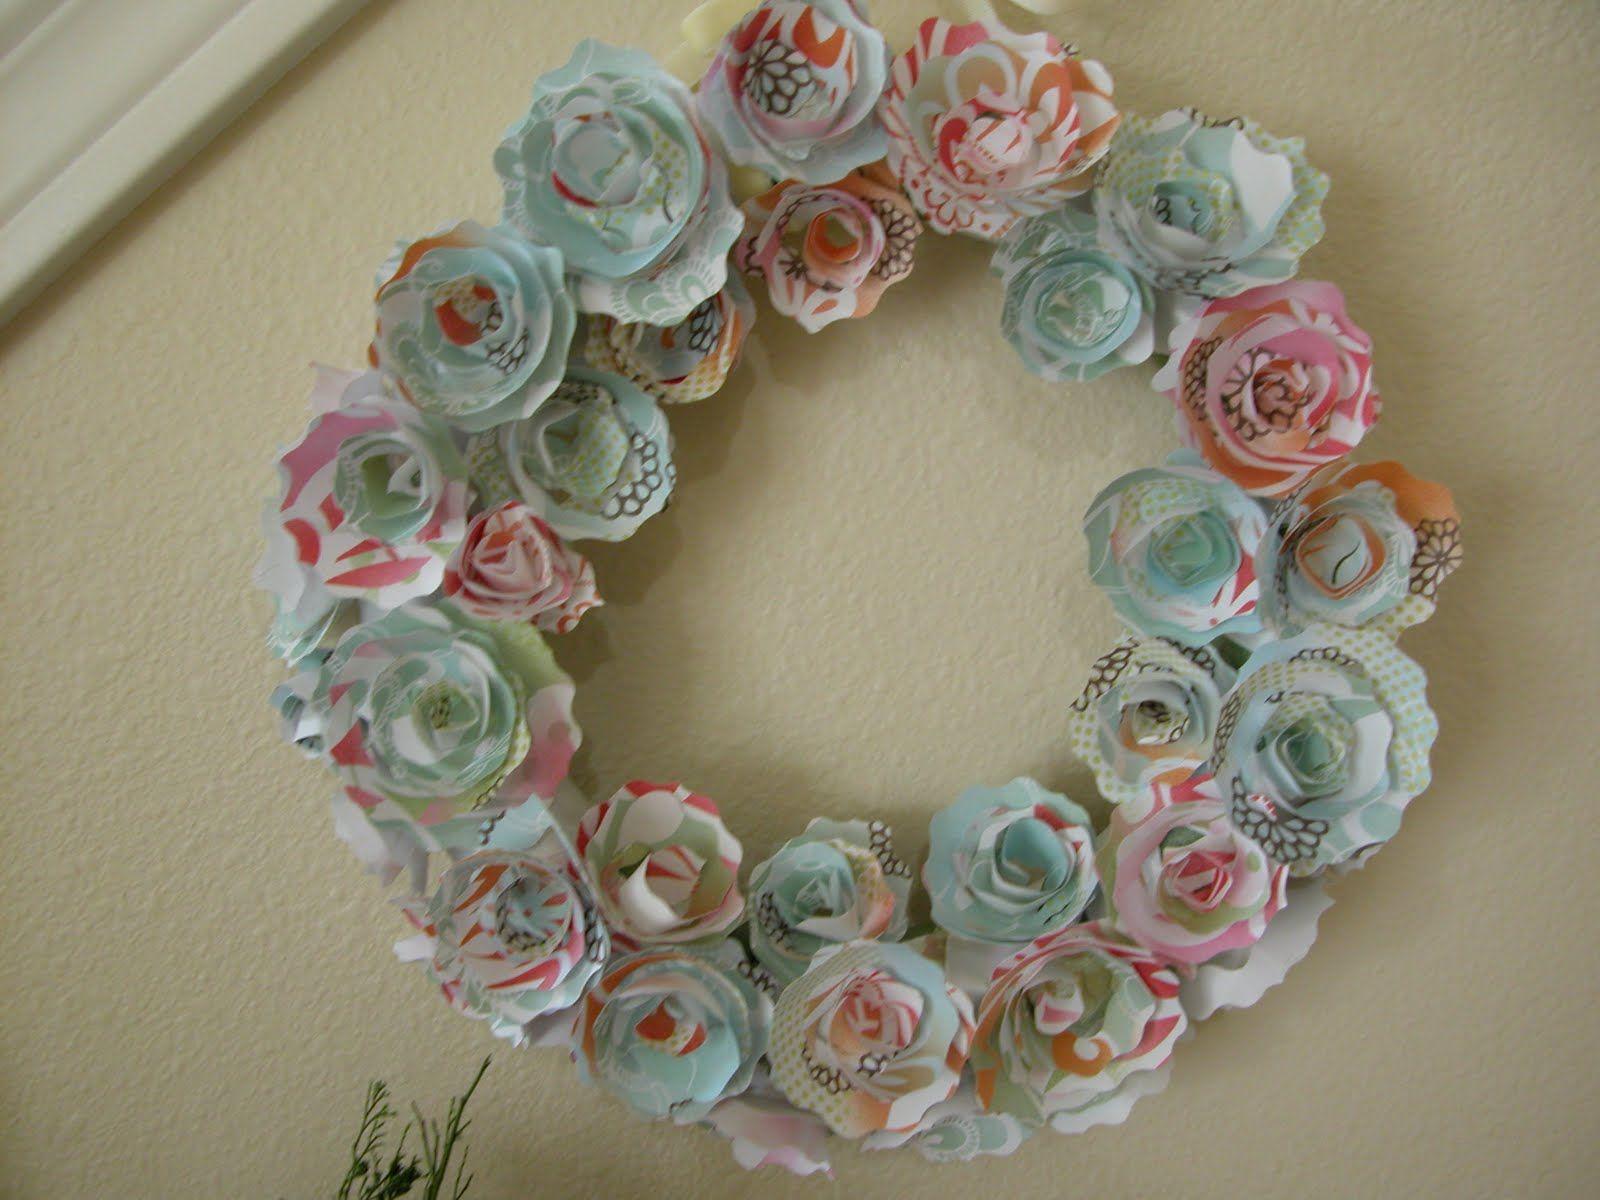 The House Creative Paper Flower Wreath Koszorkwreaths